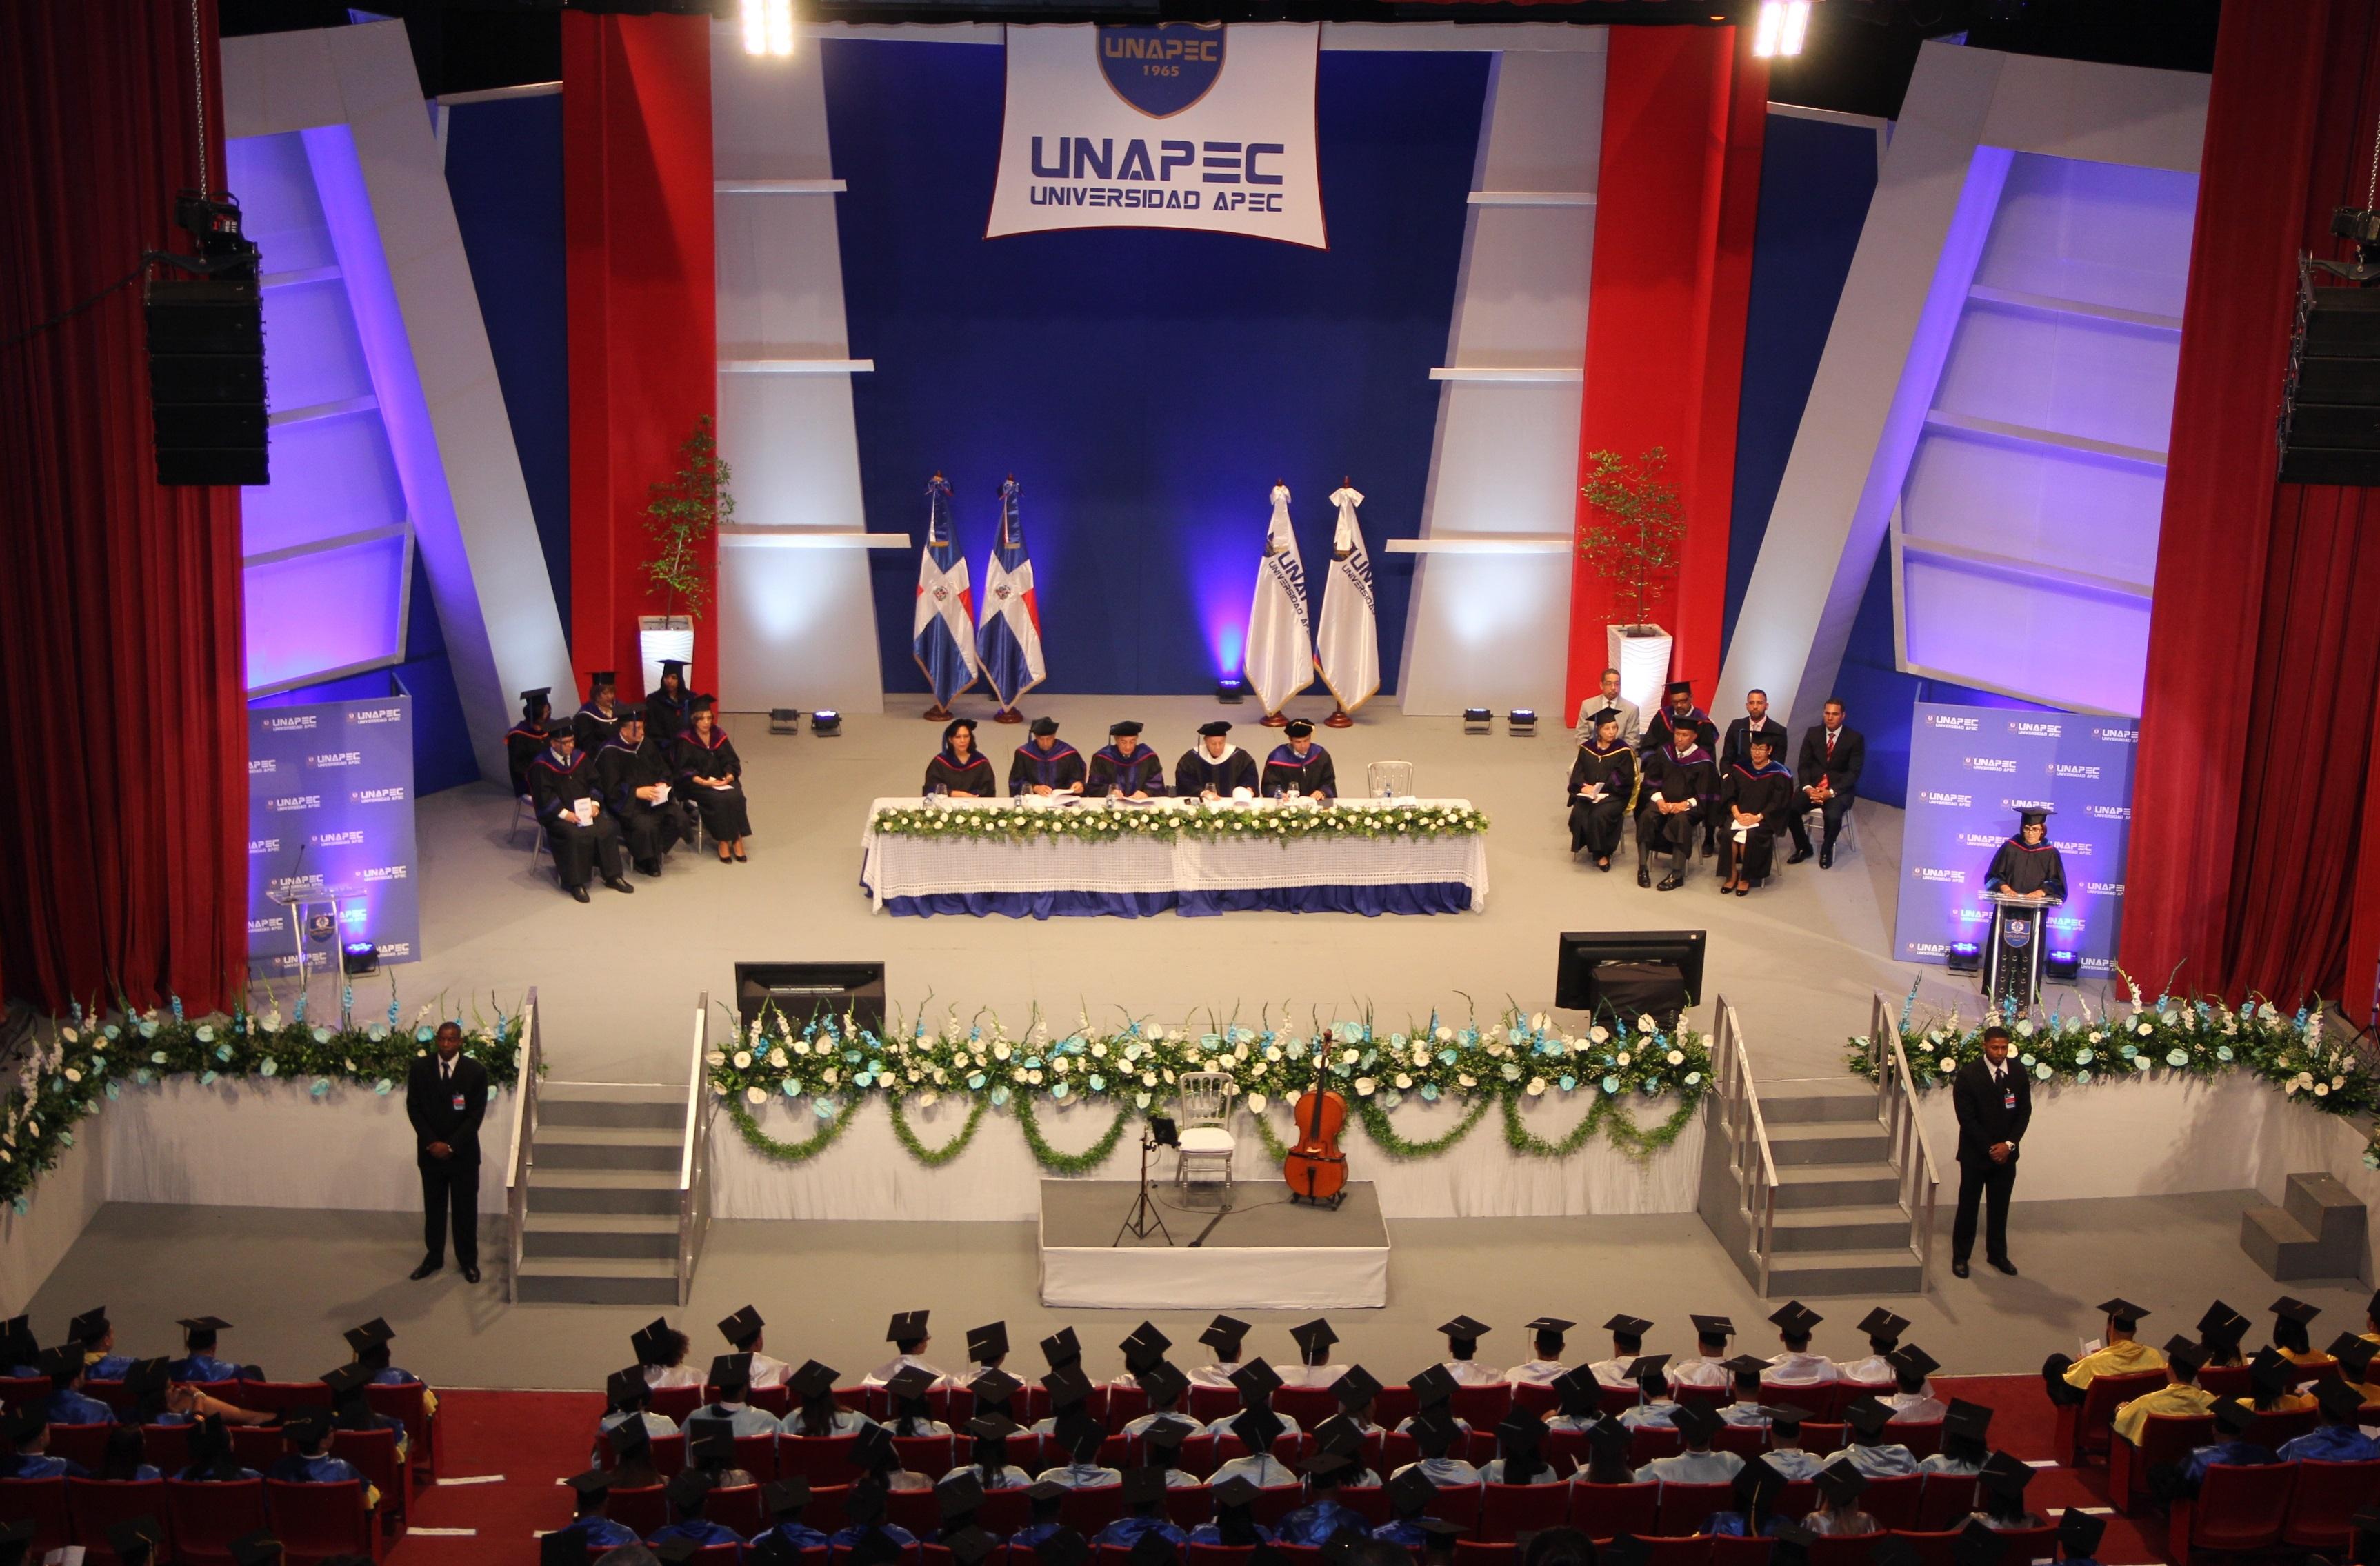 UNAPEC gradúa 369 profesionales en su Extensión Cibao